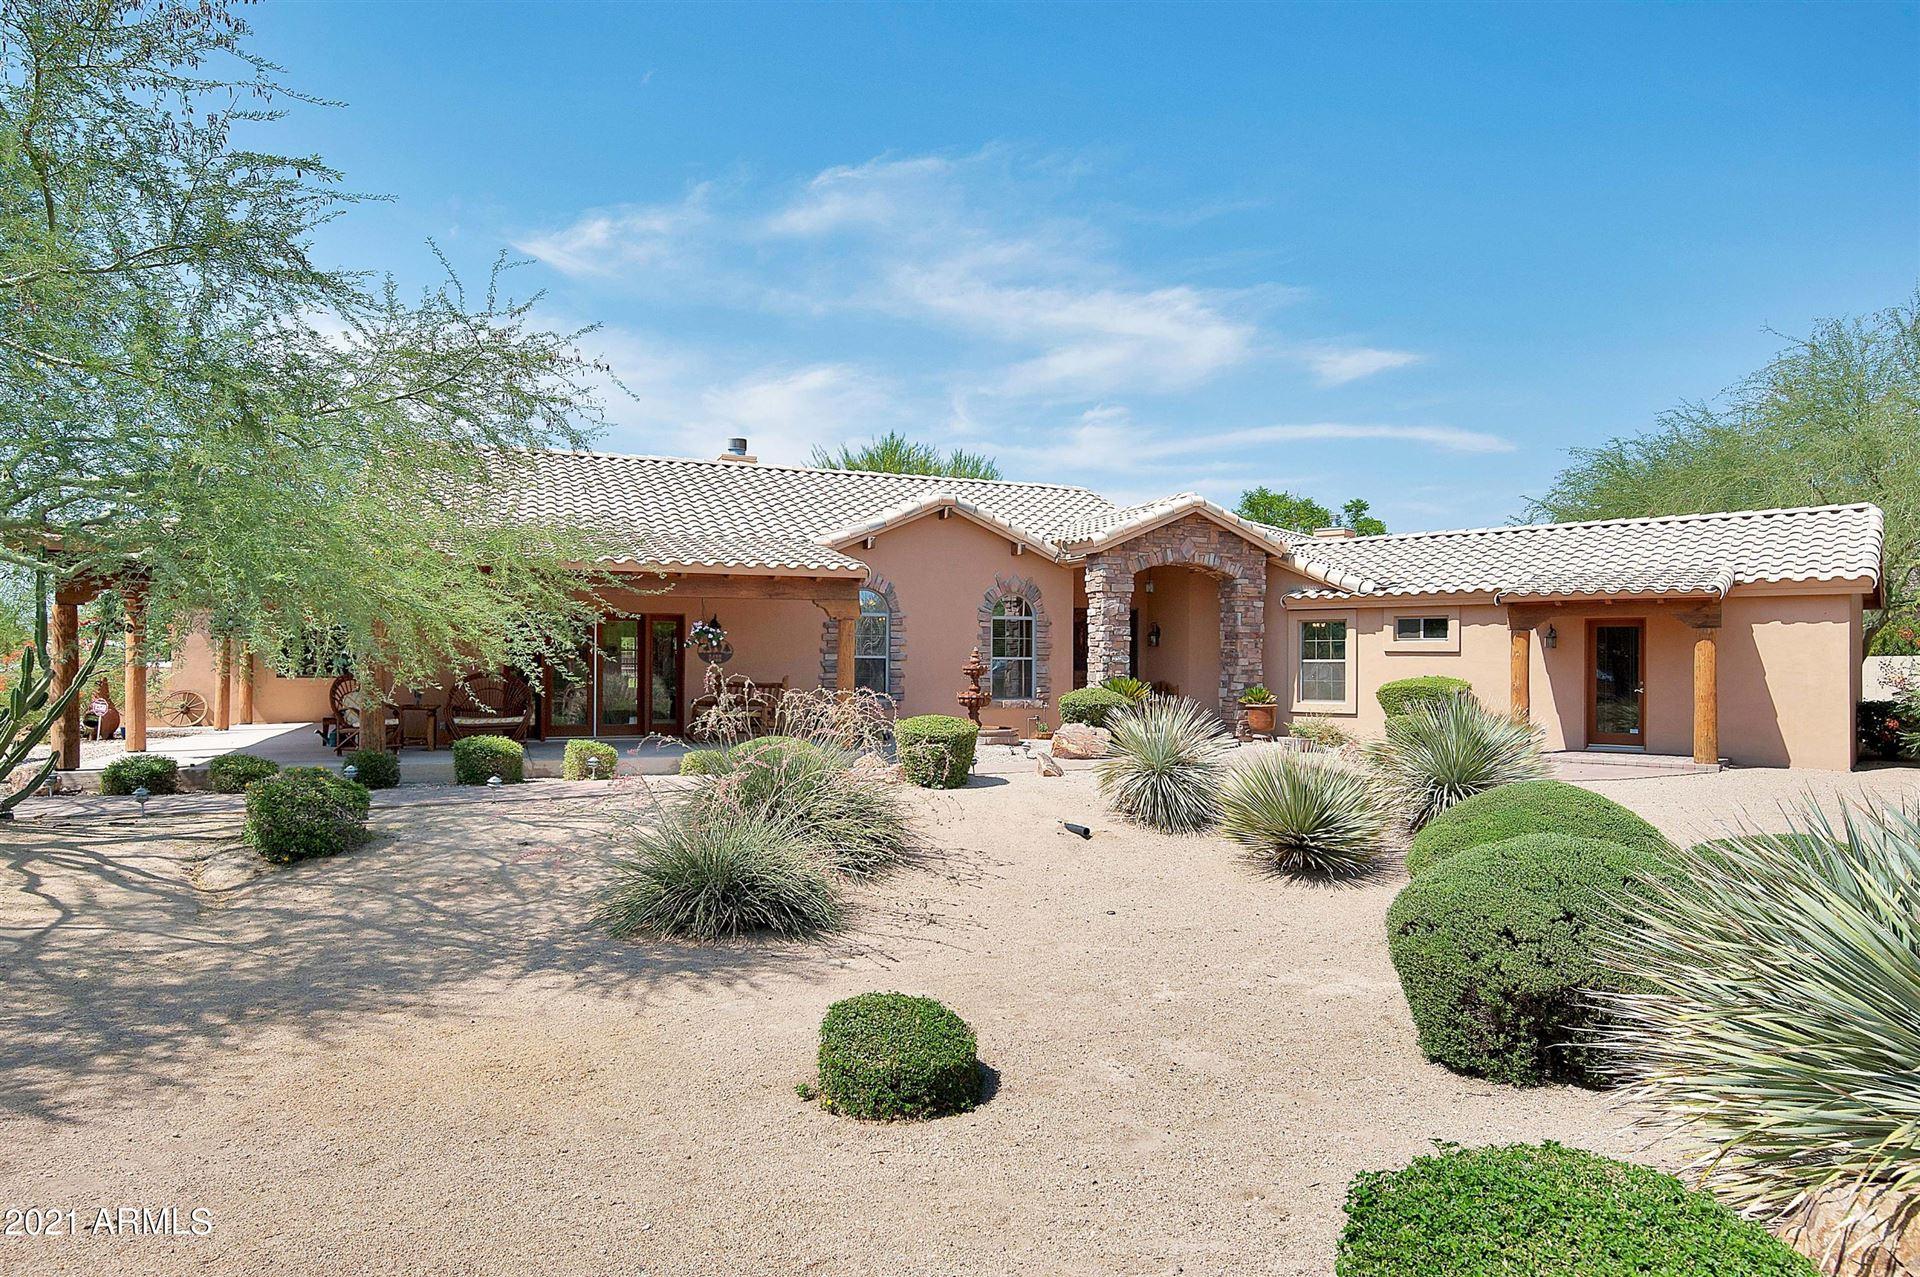 6430 W PINNACLE PEAK Road, Glendale, AZ 85310 - MLS#: 6196048